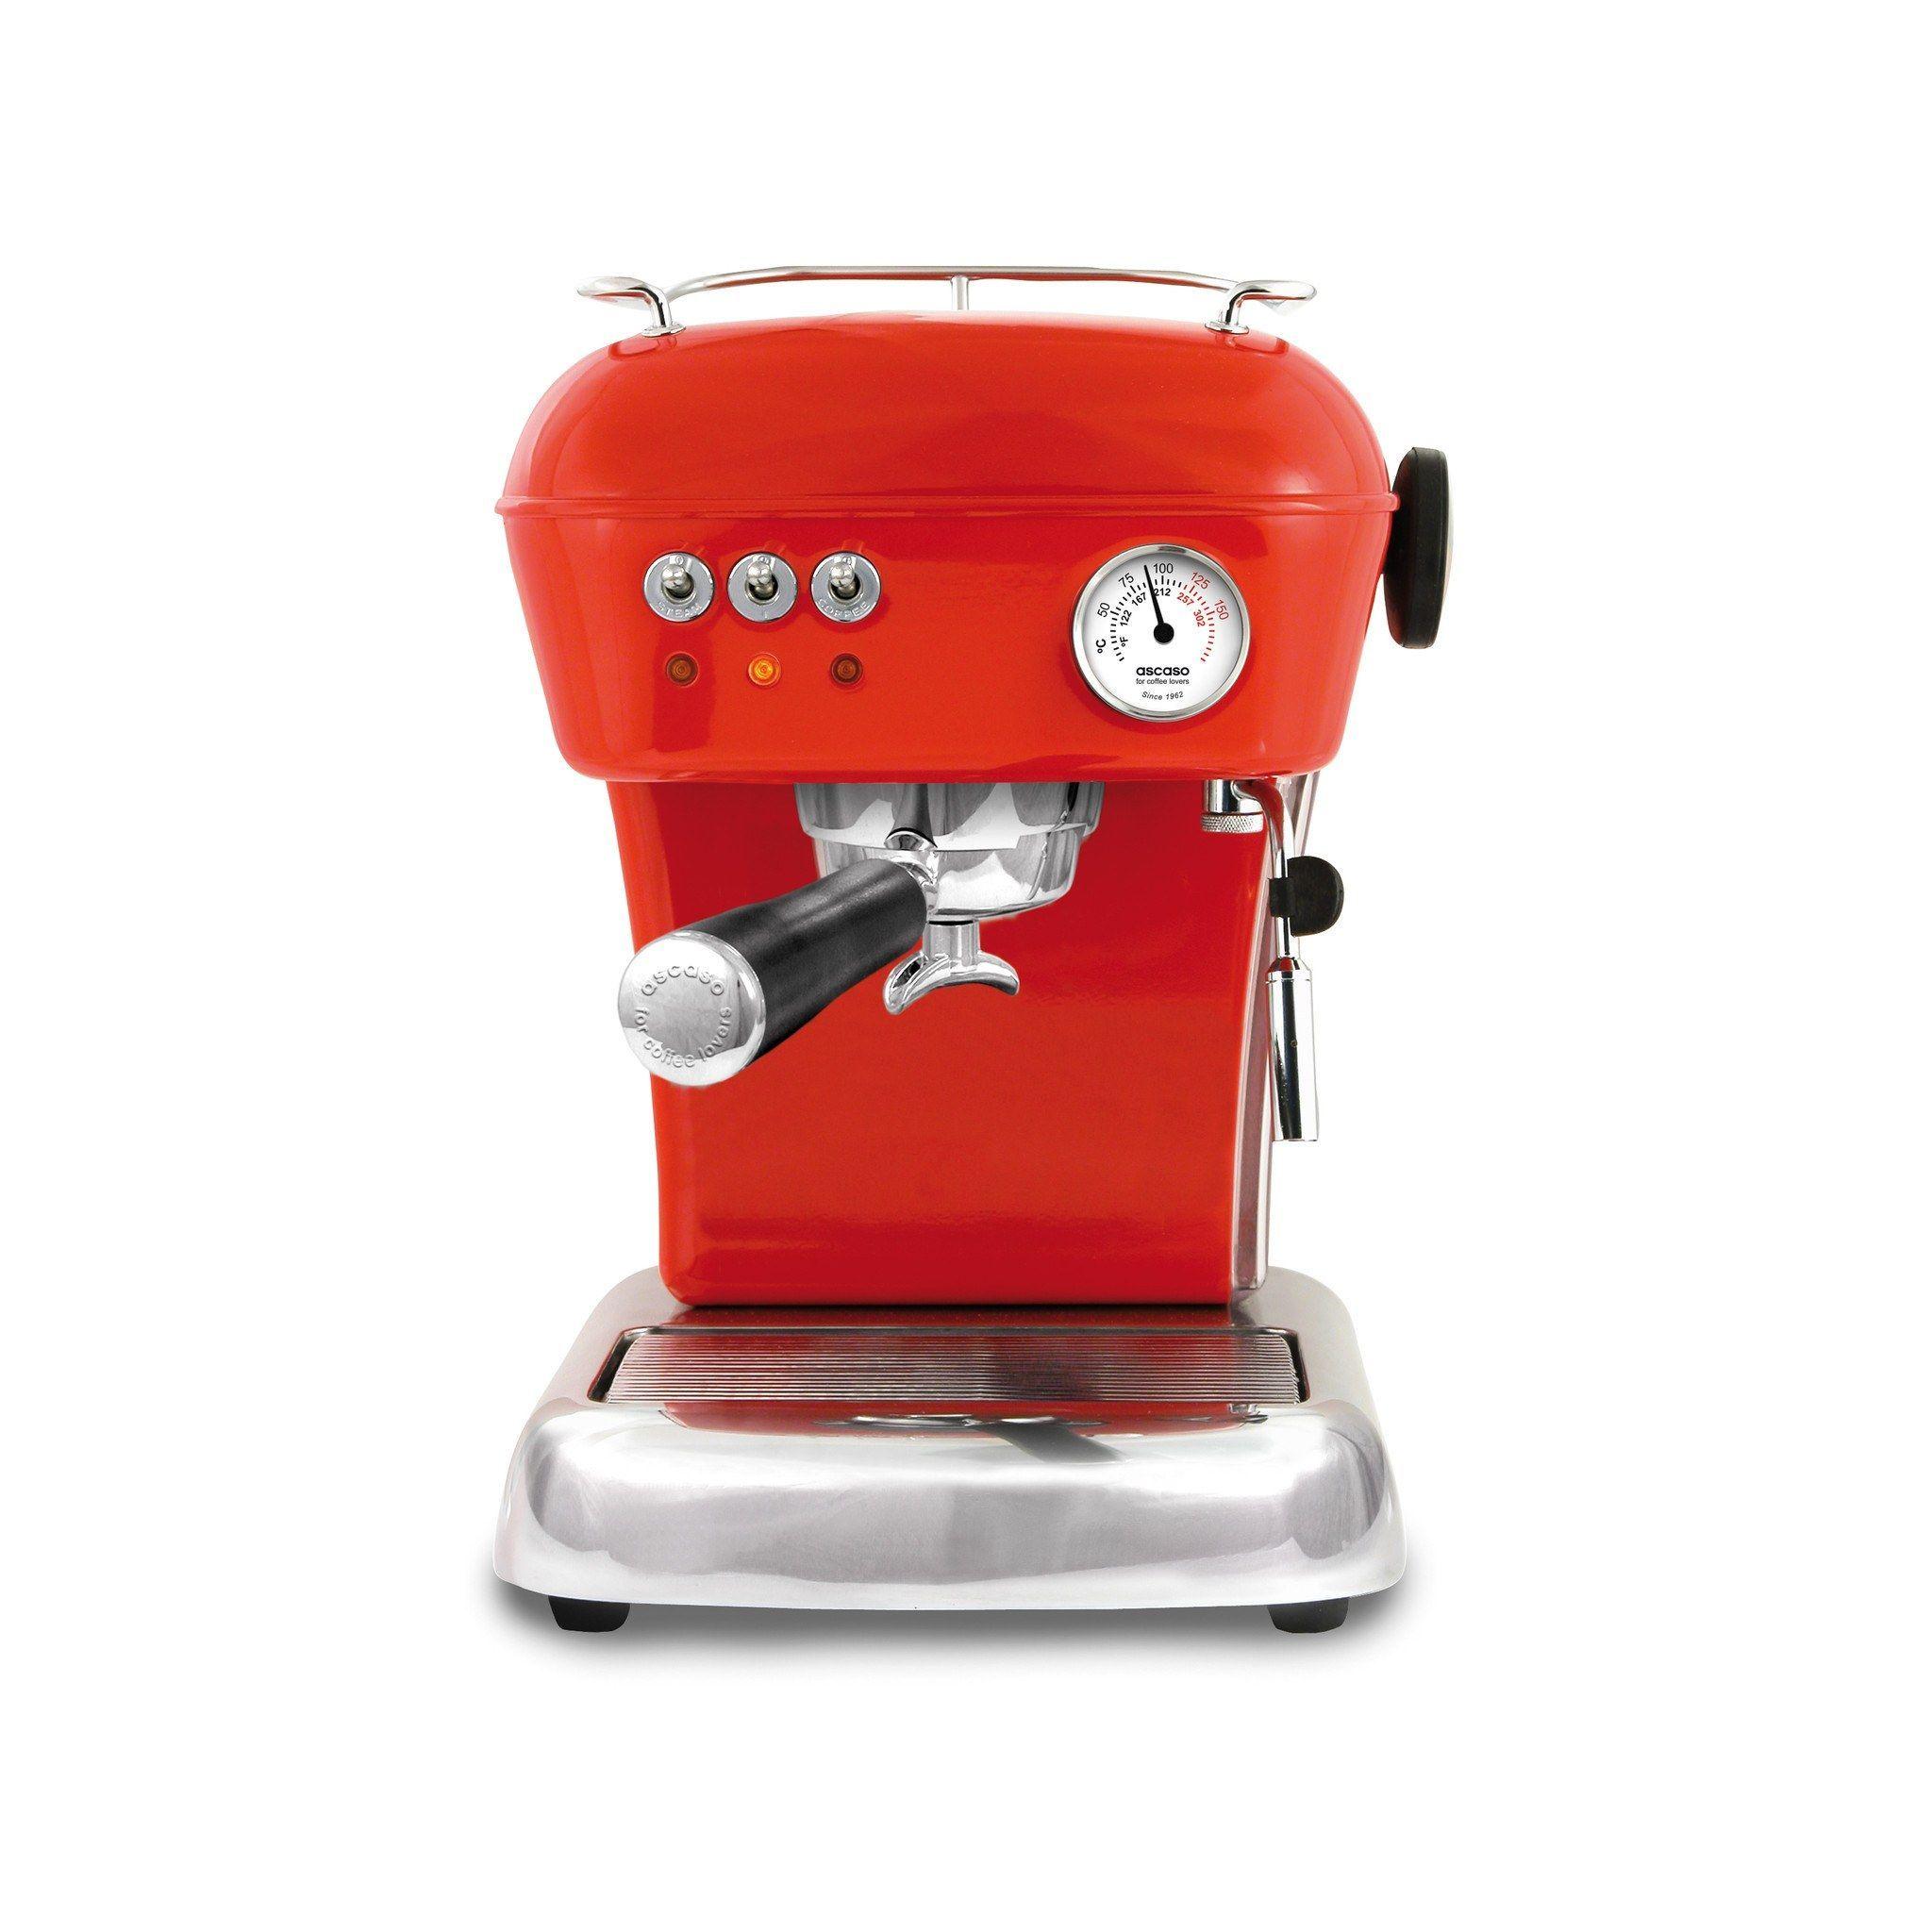 Ascaso Dream Up V3 Espresso Machine Ascaso Dream Espresso Machine Espresso Coffee Machine Cappuccino Machine